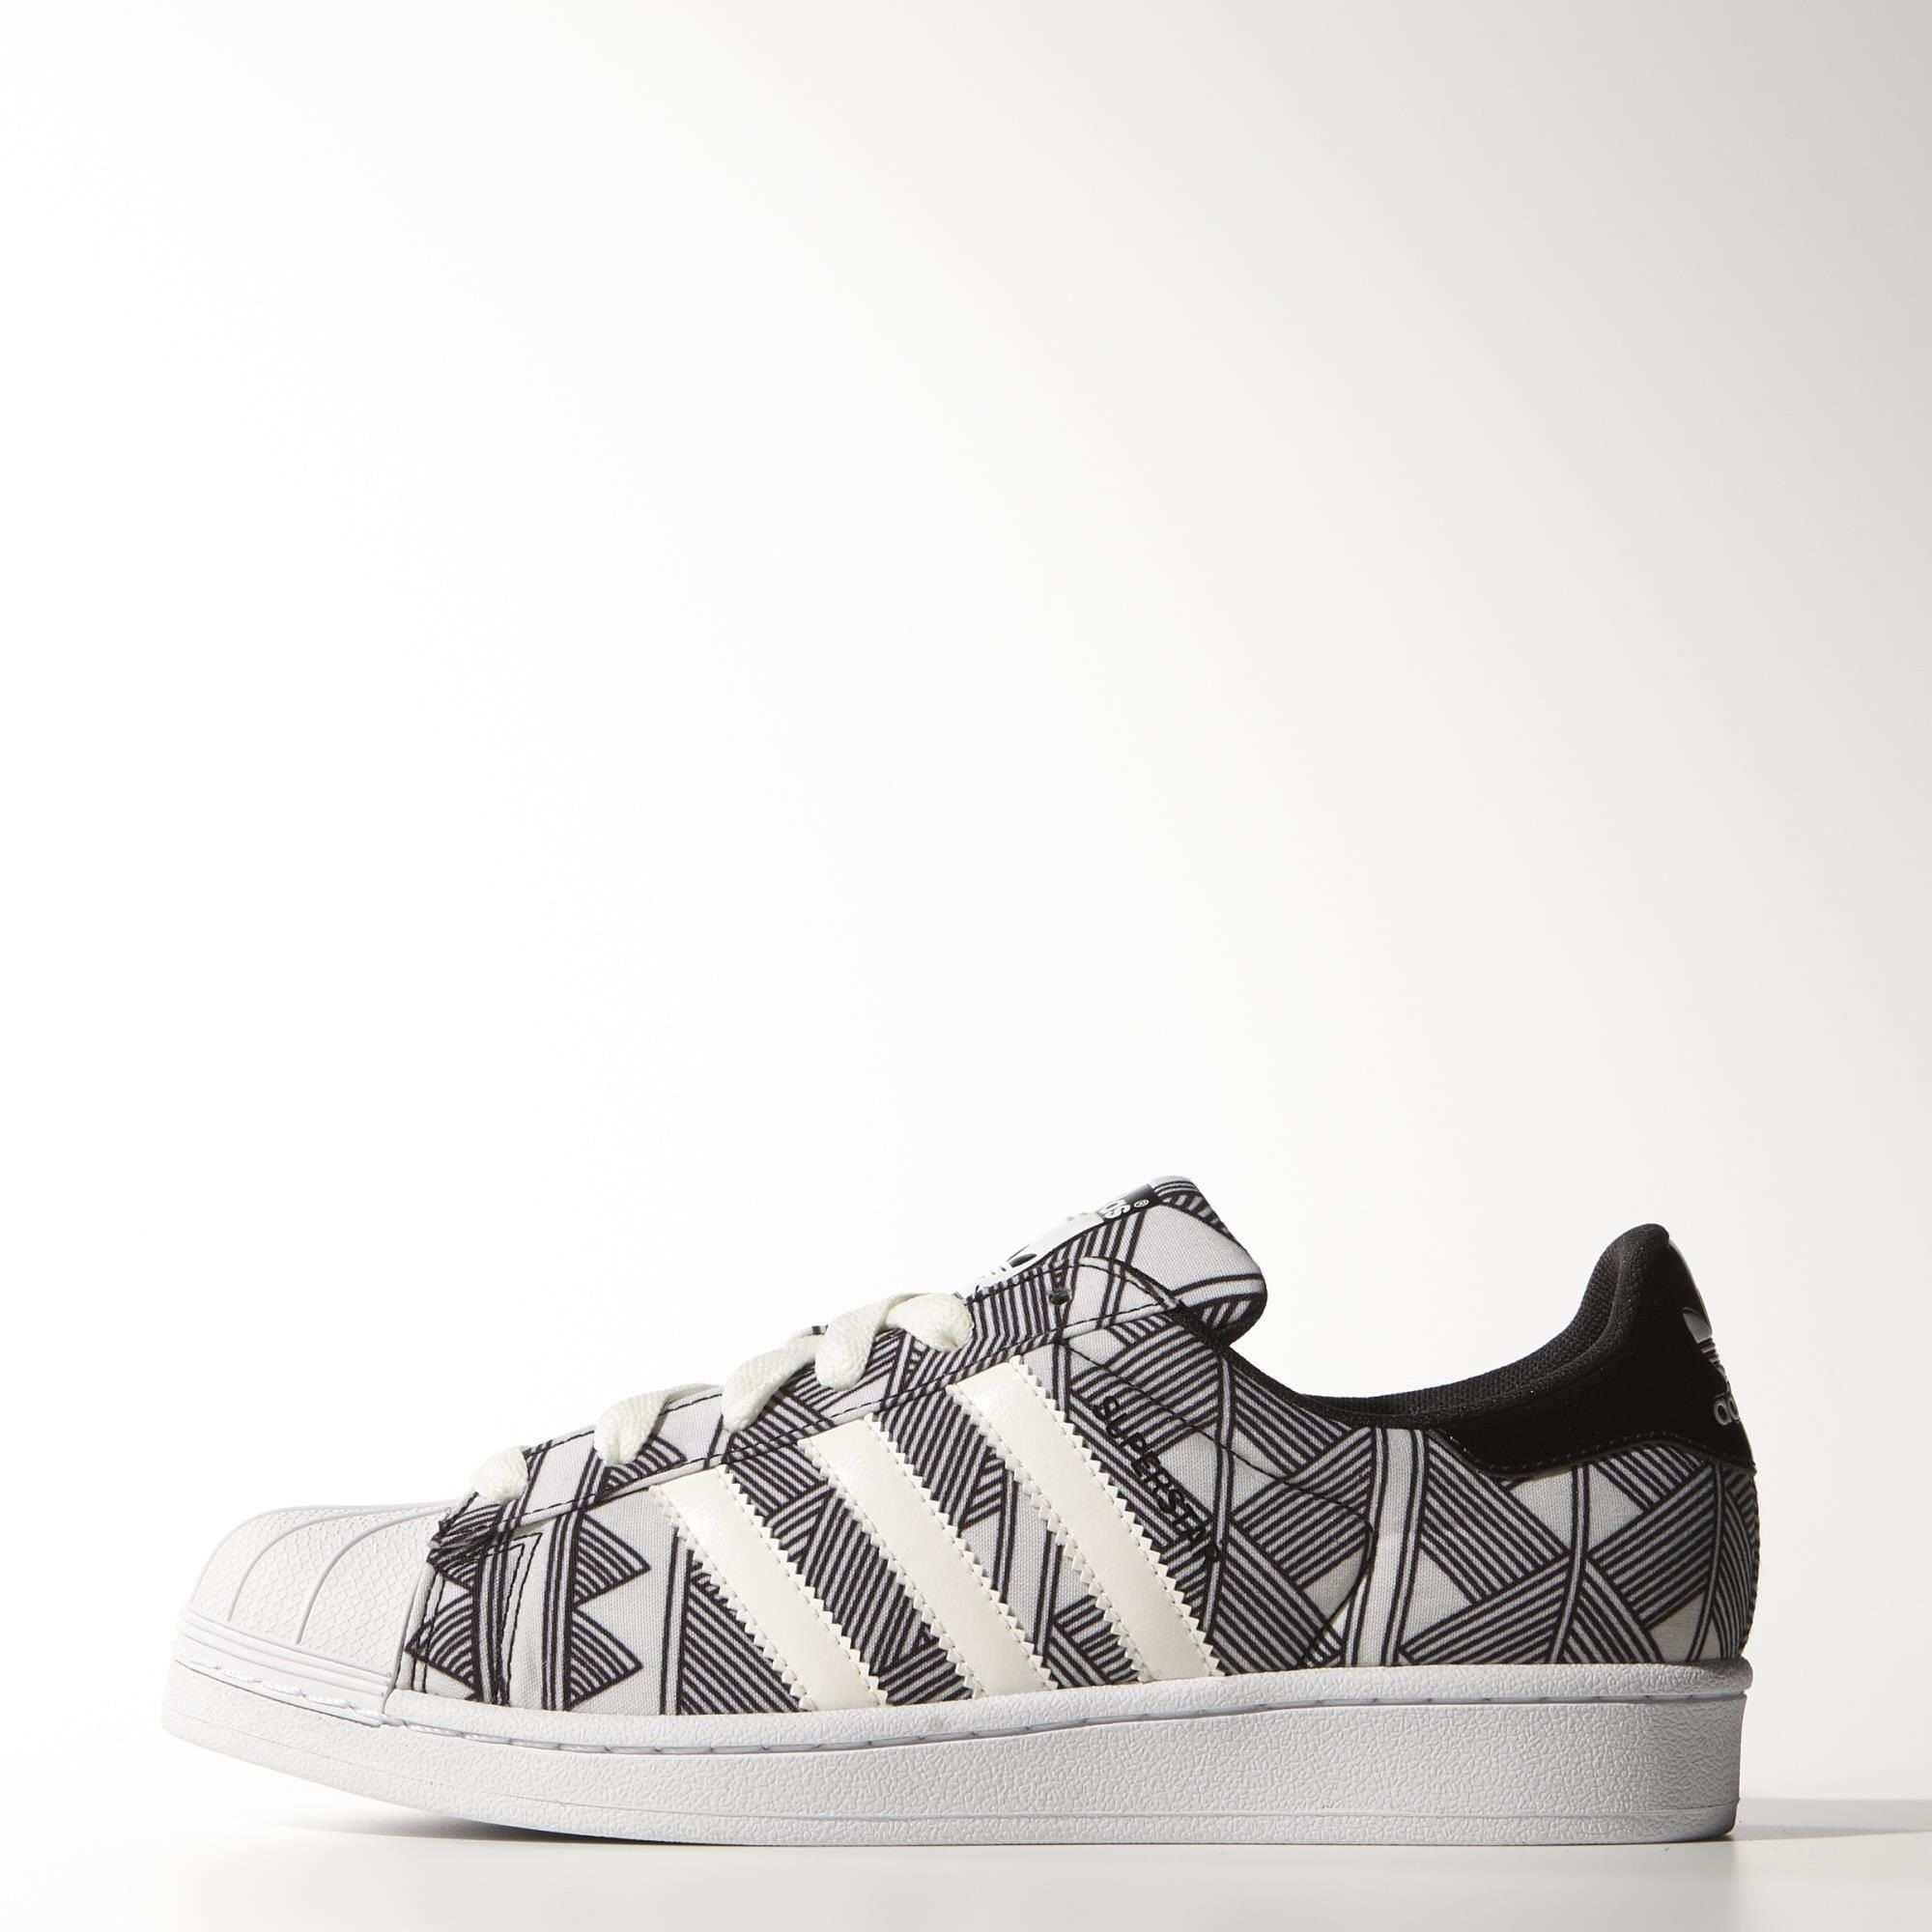 Adidas Chaussure Superstar Prochain Achat Superstars Schuhe Adidas Superstar Adidas Superstar Schuhe